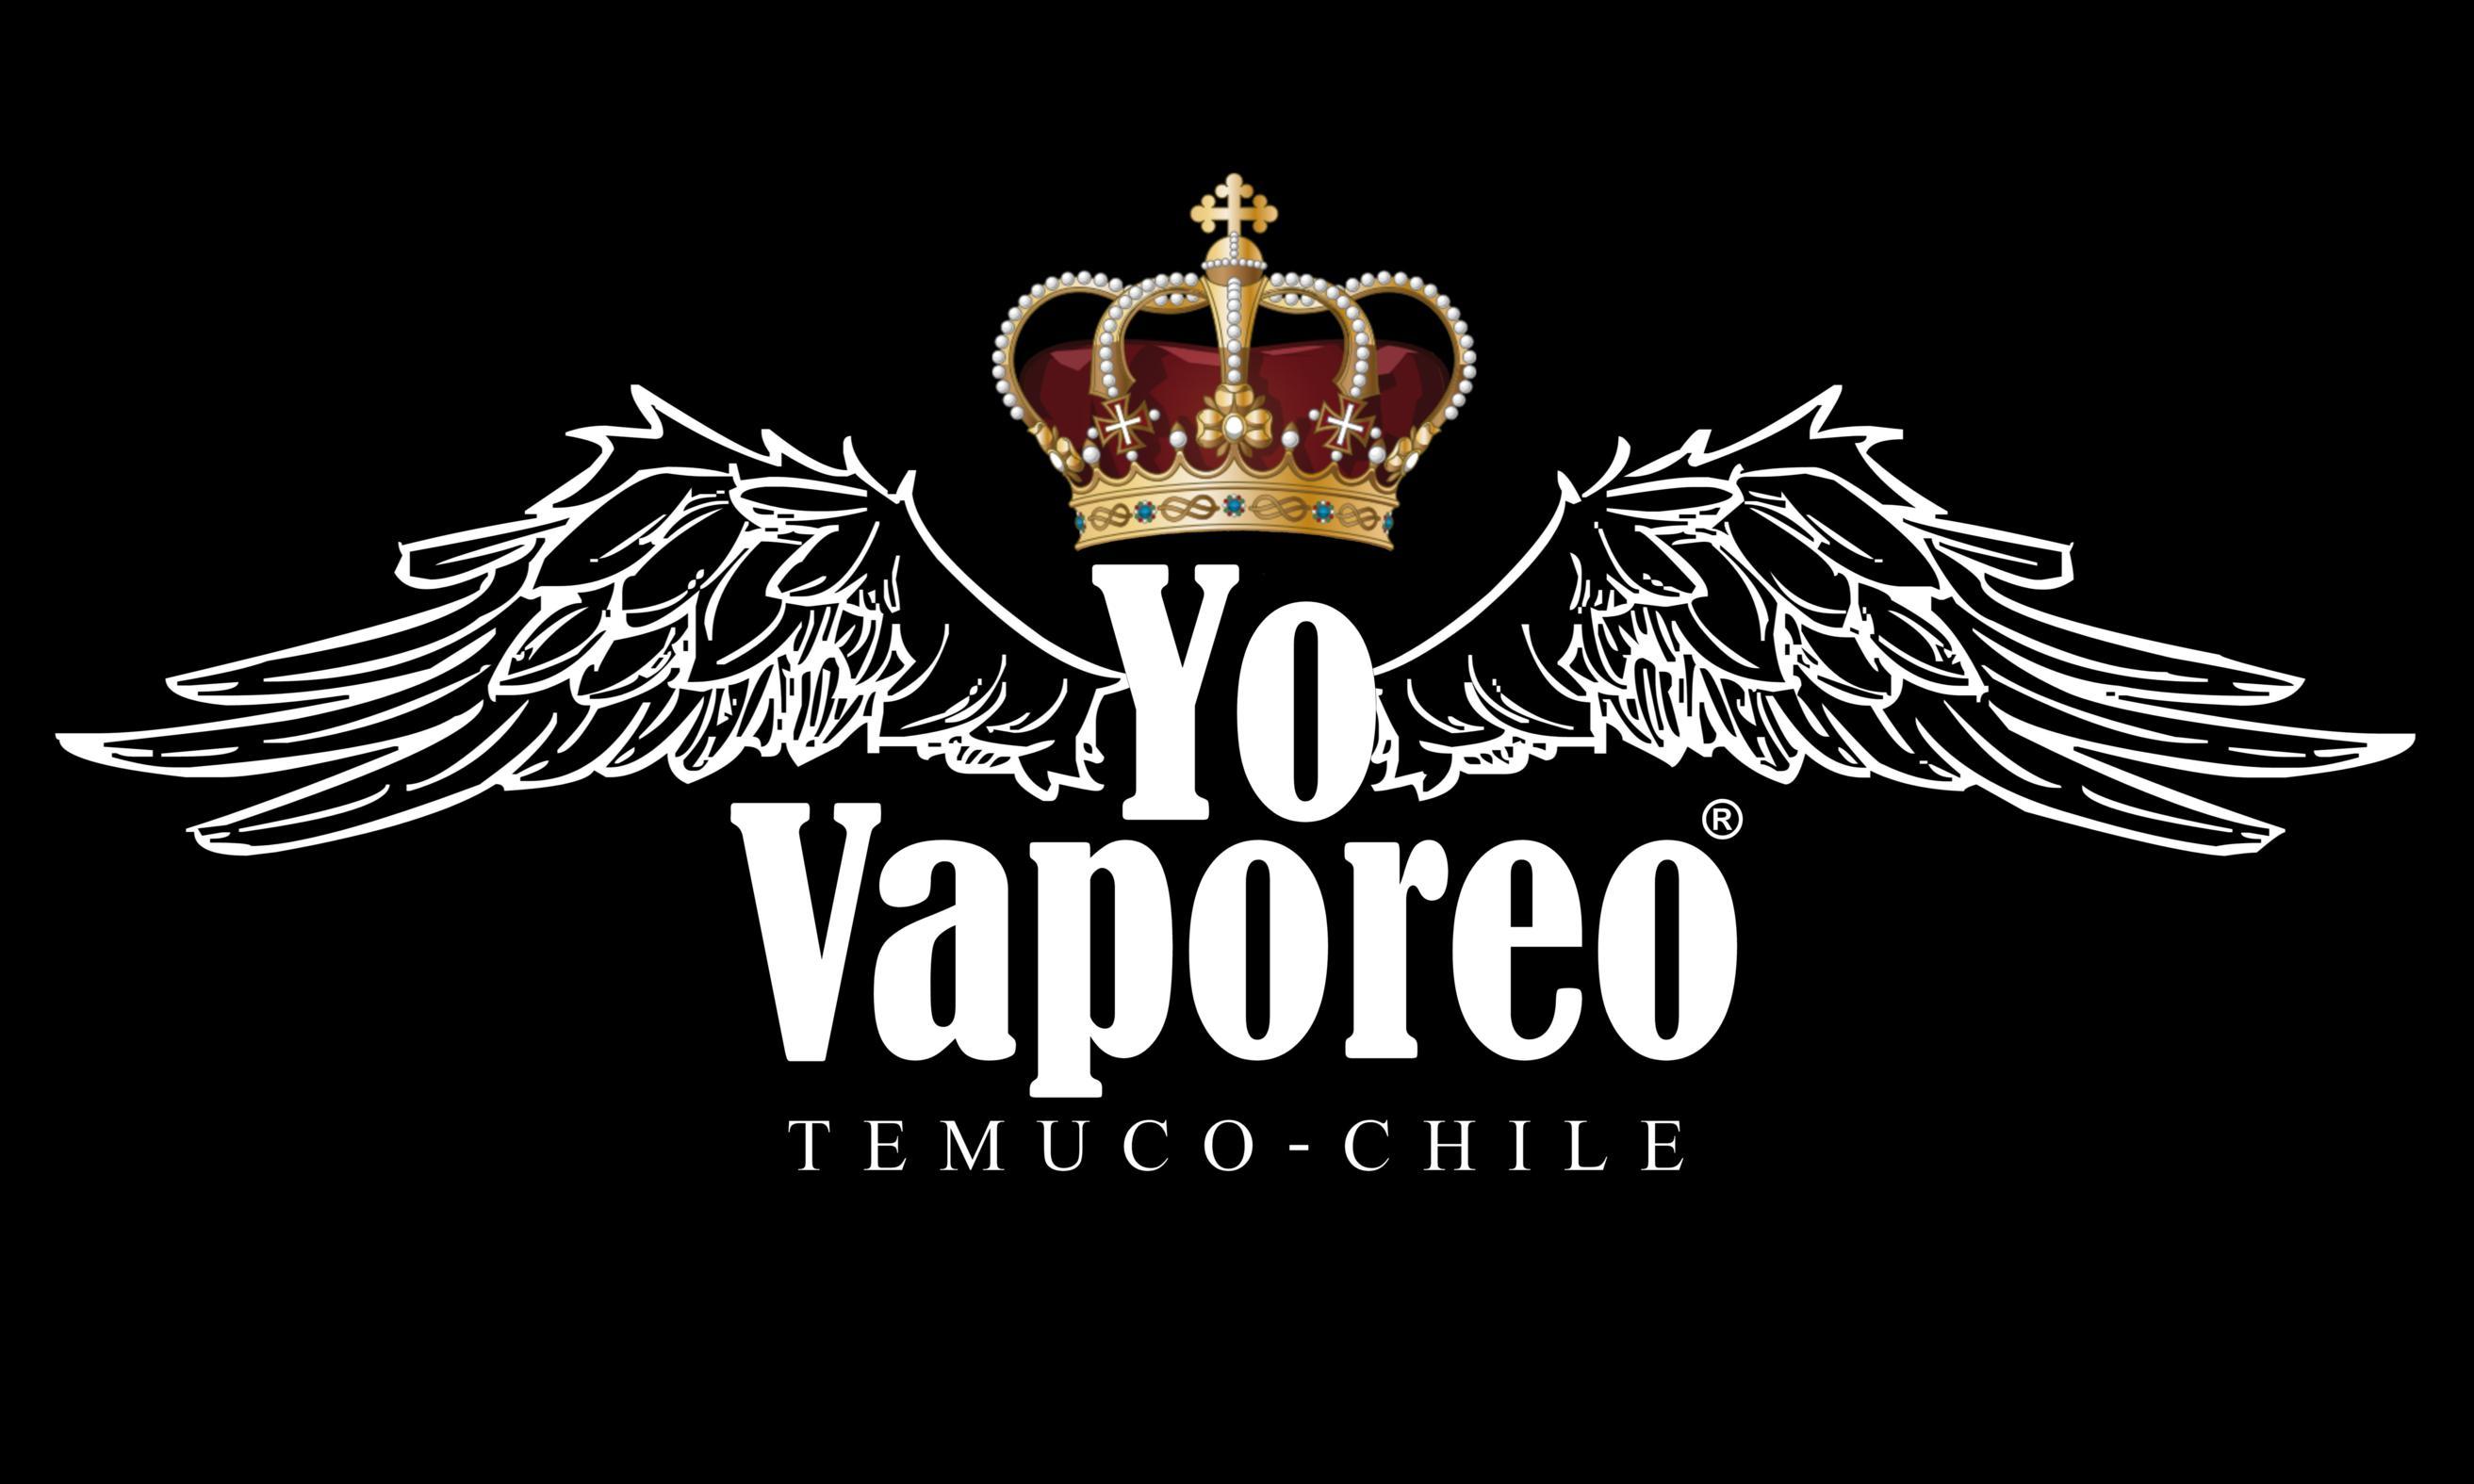 LOGO OFICIAL YO VAPOREO MARCA R_2625x1575